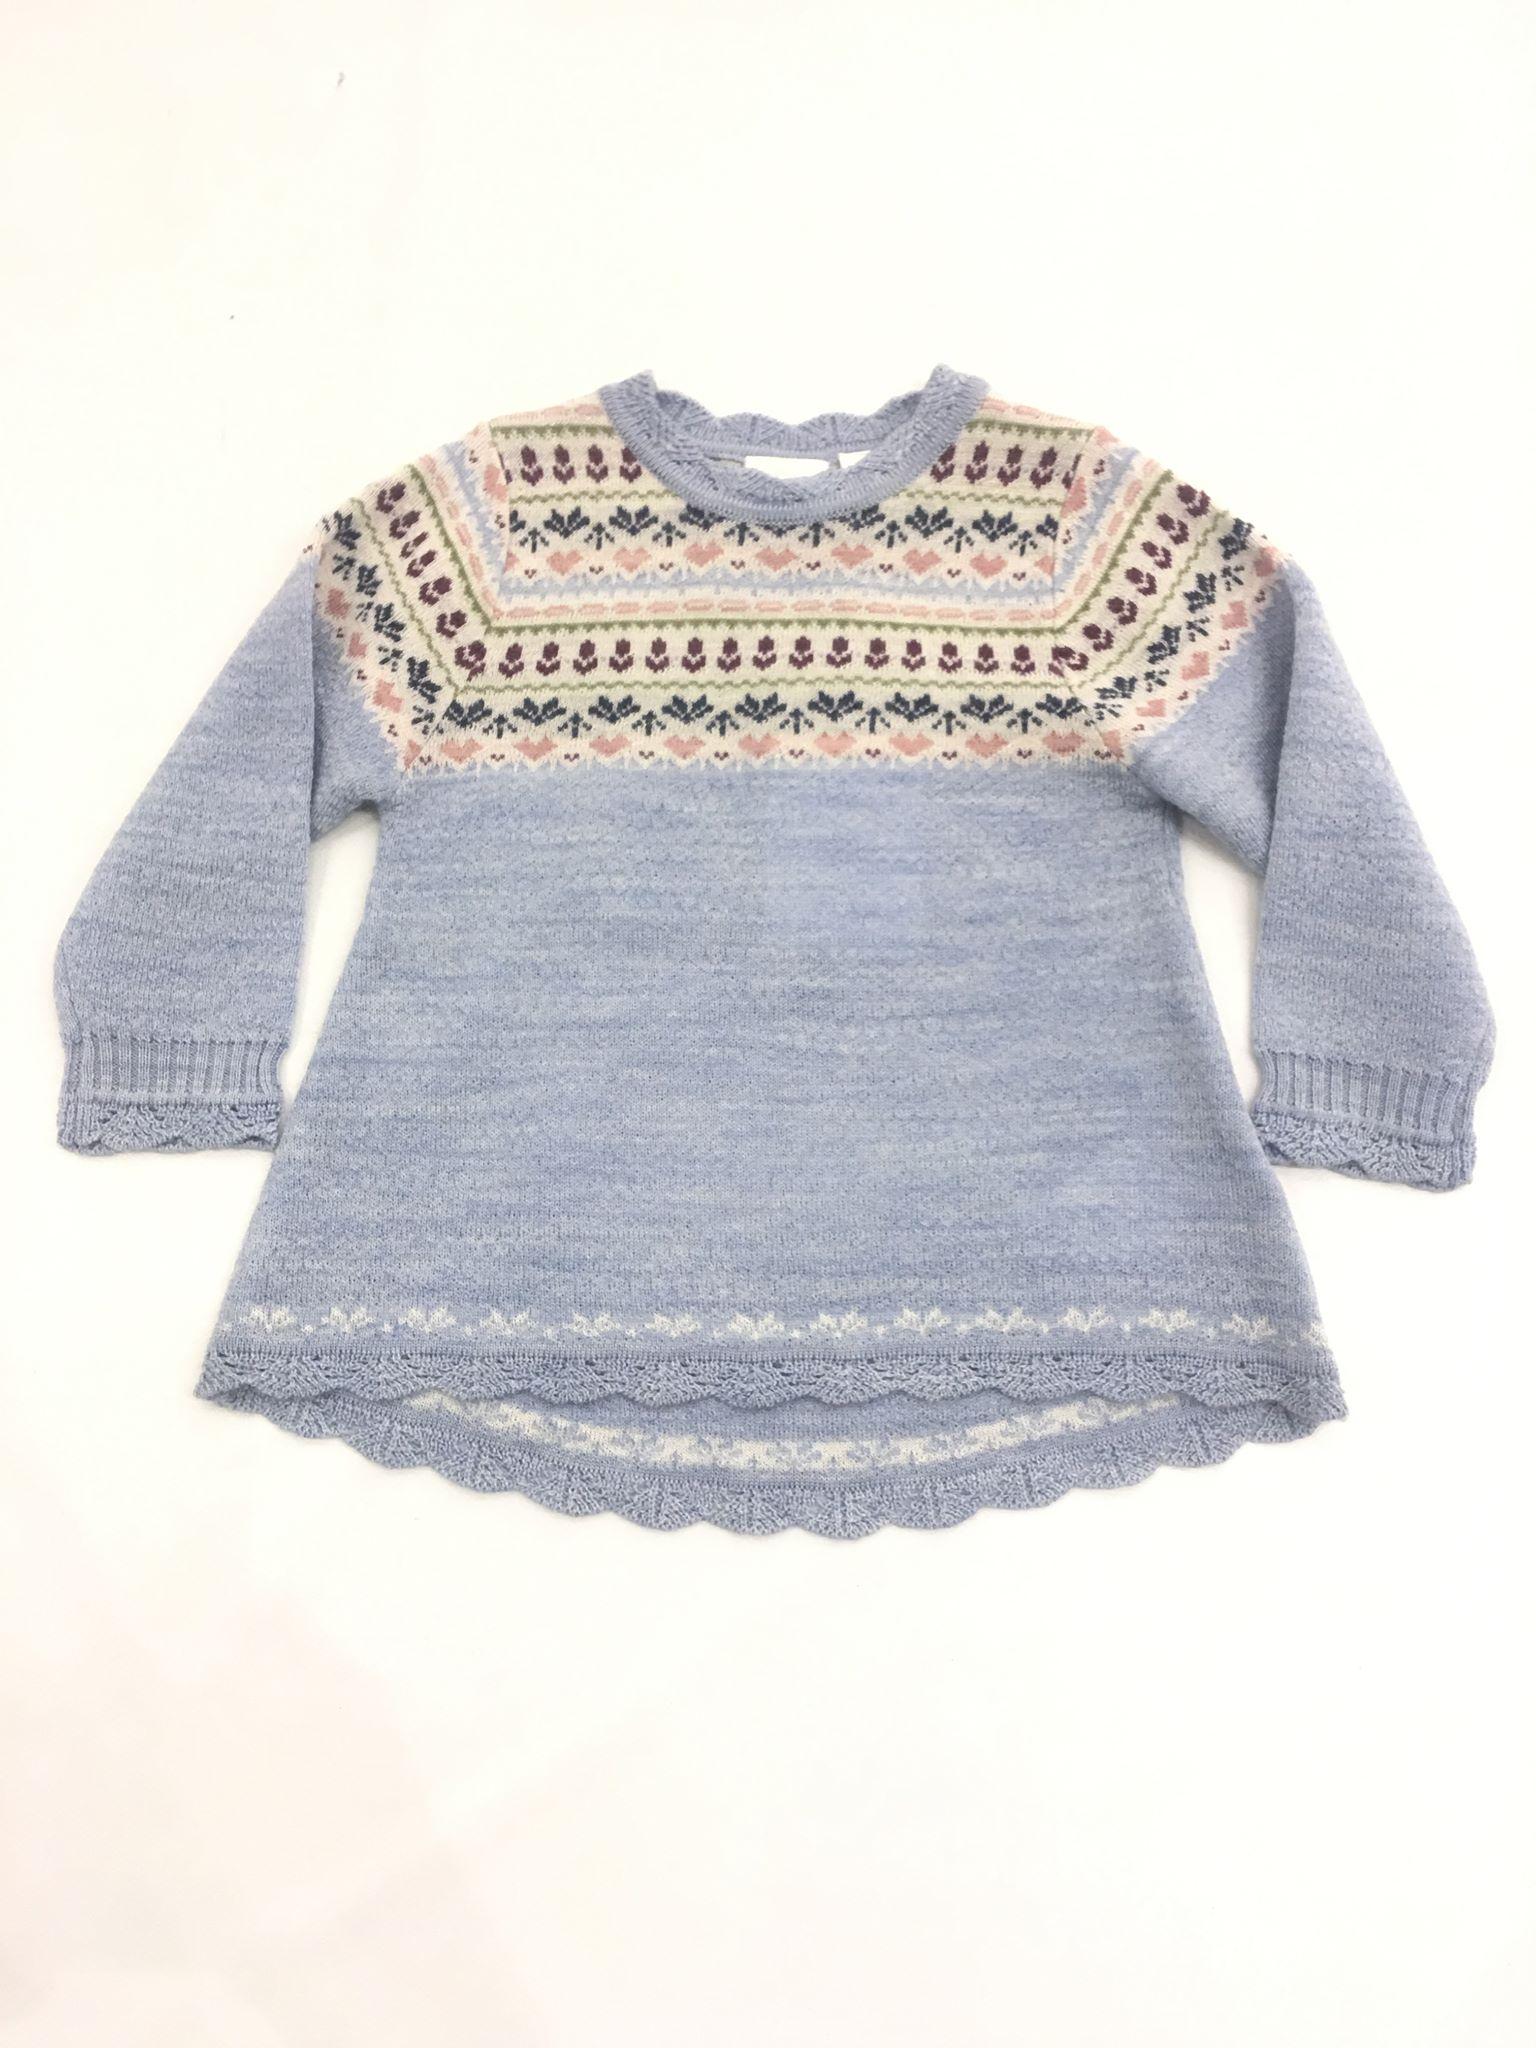 31148c89 Name It ullgenser til jente, lyse blå – Ull lyse blå genser i ull Whoopi